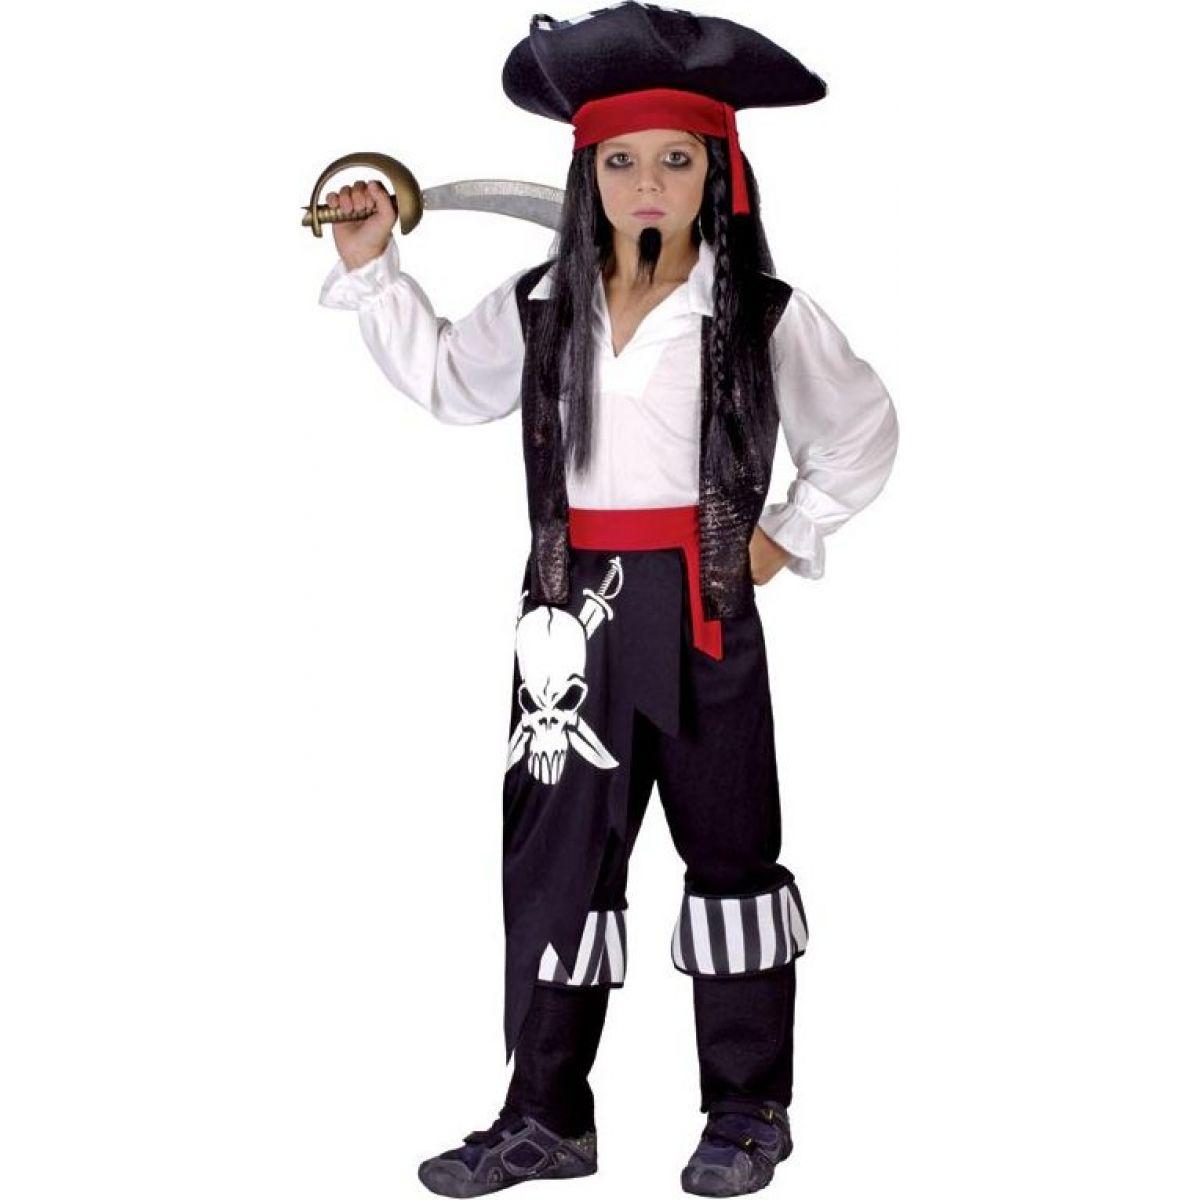 HM Studio Detský kostým Pirát 110 - 120 cm